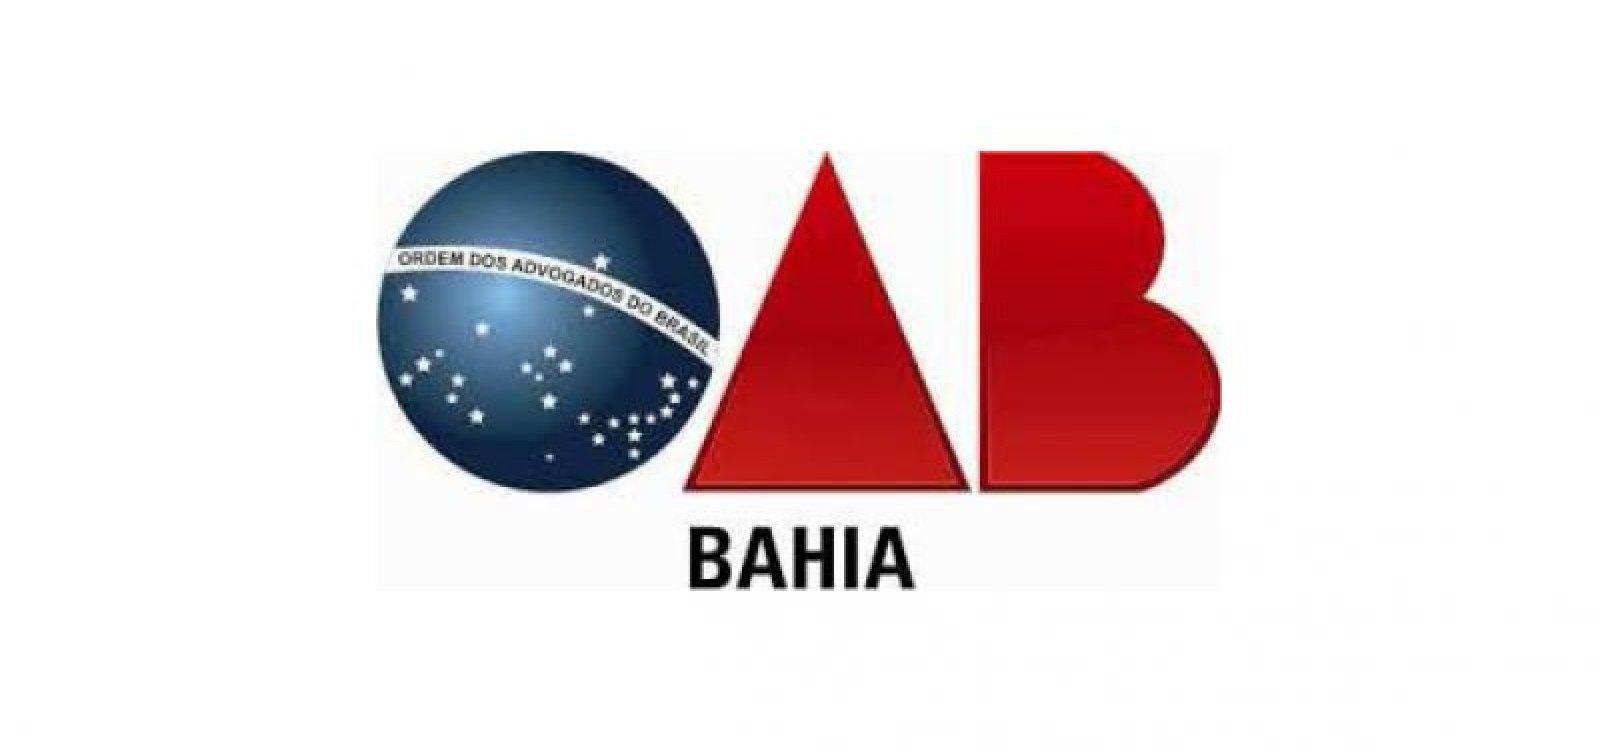 Mais de 40 horas após crime envolvendo advogado, OAB-Bahia ainda não se pronunciou sobre o caso